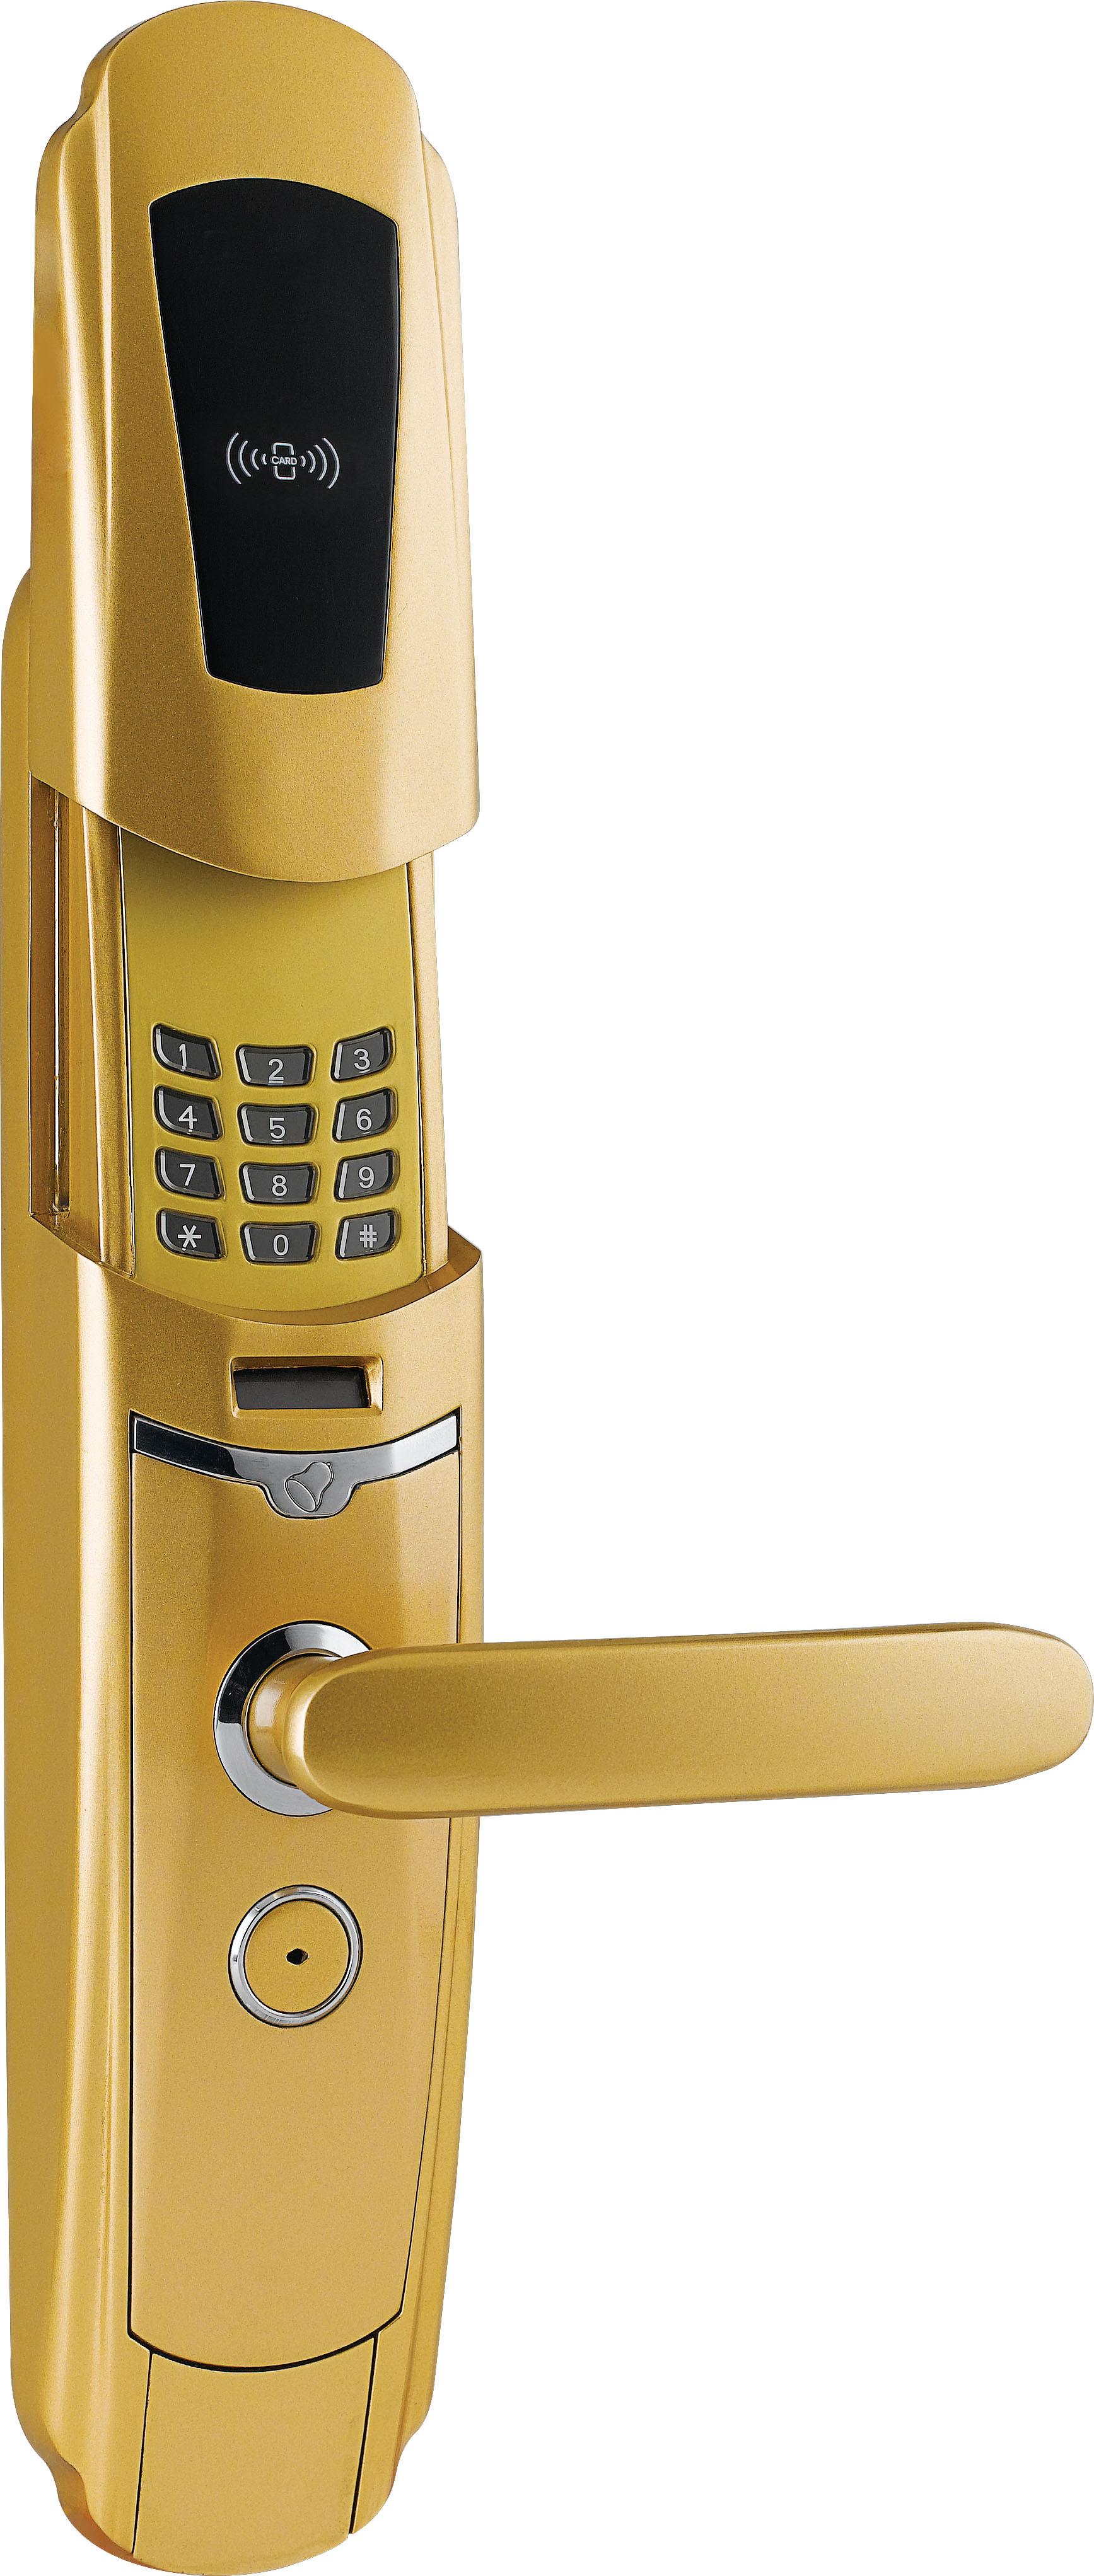 创佳智能锁领导品牌,指纹锁,智能锁,酒店锁